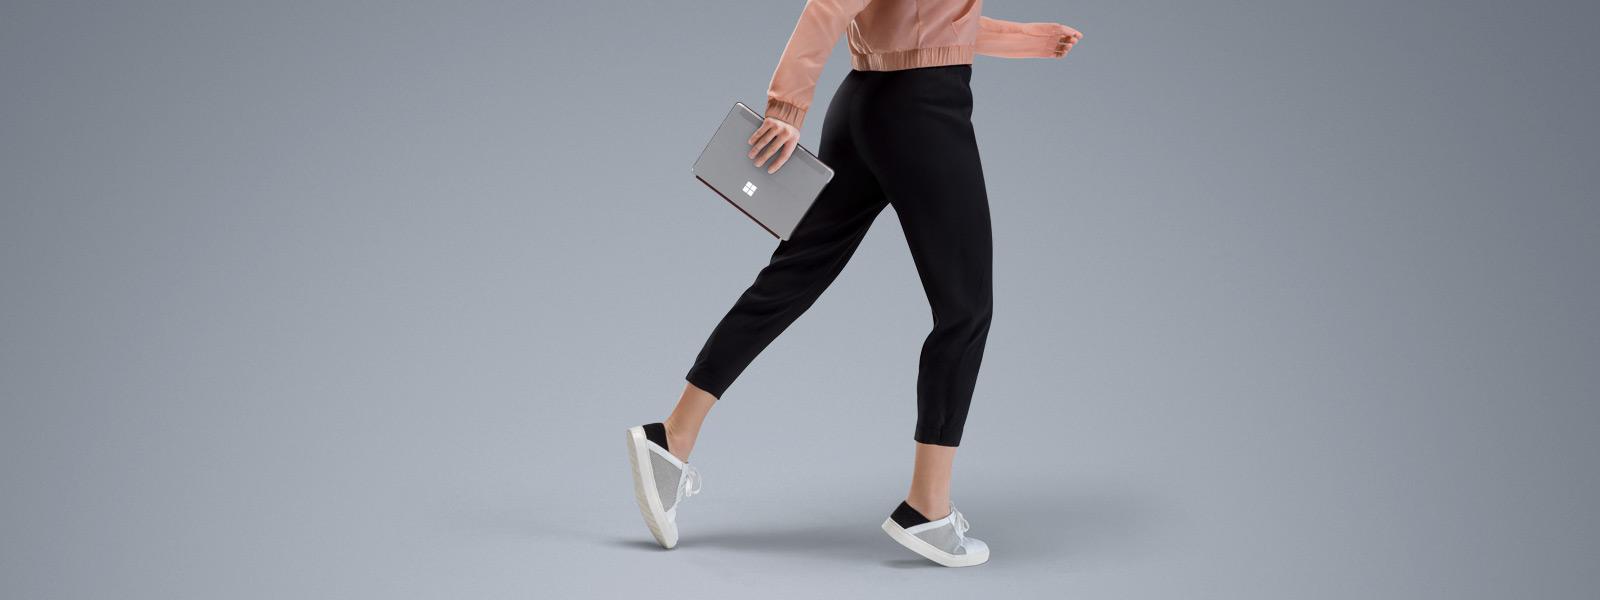 Jeune fille marchant avec Surface Go